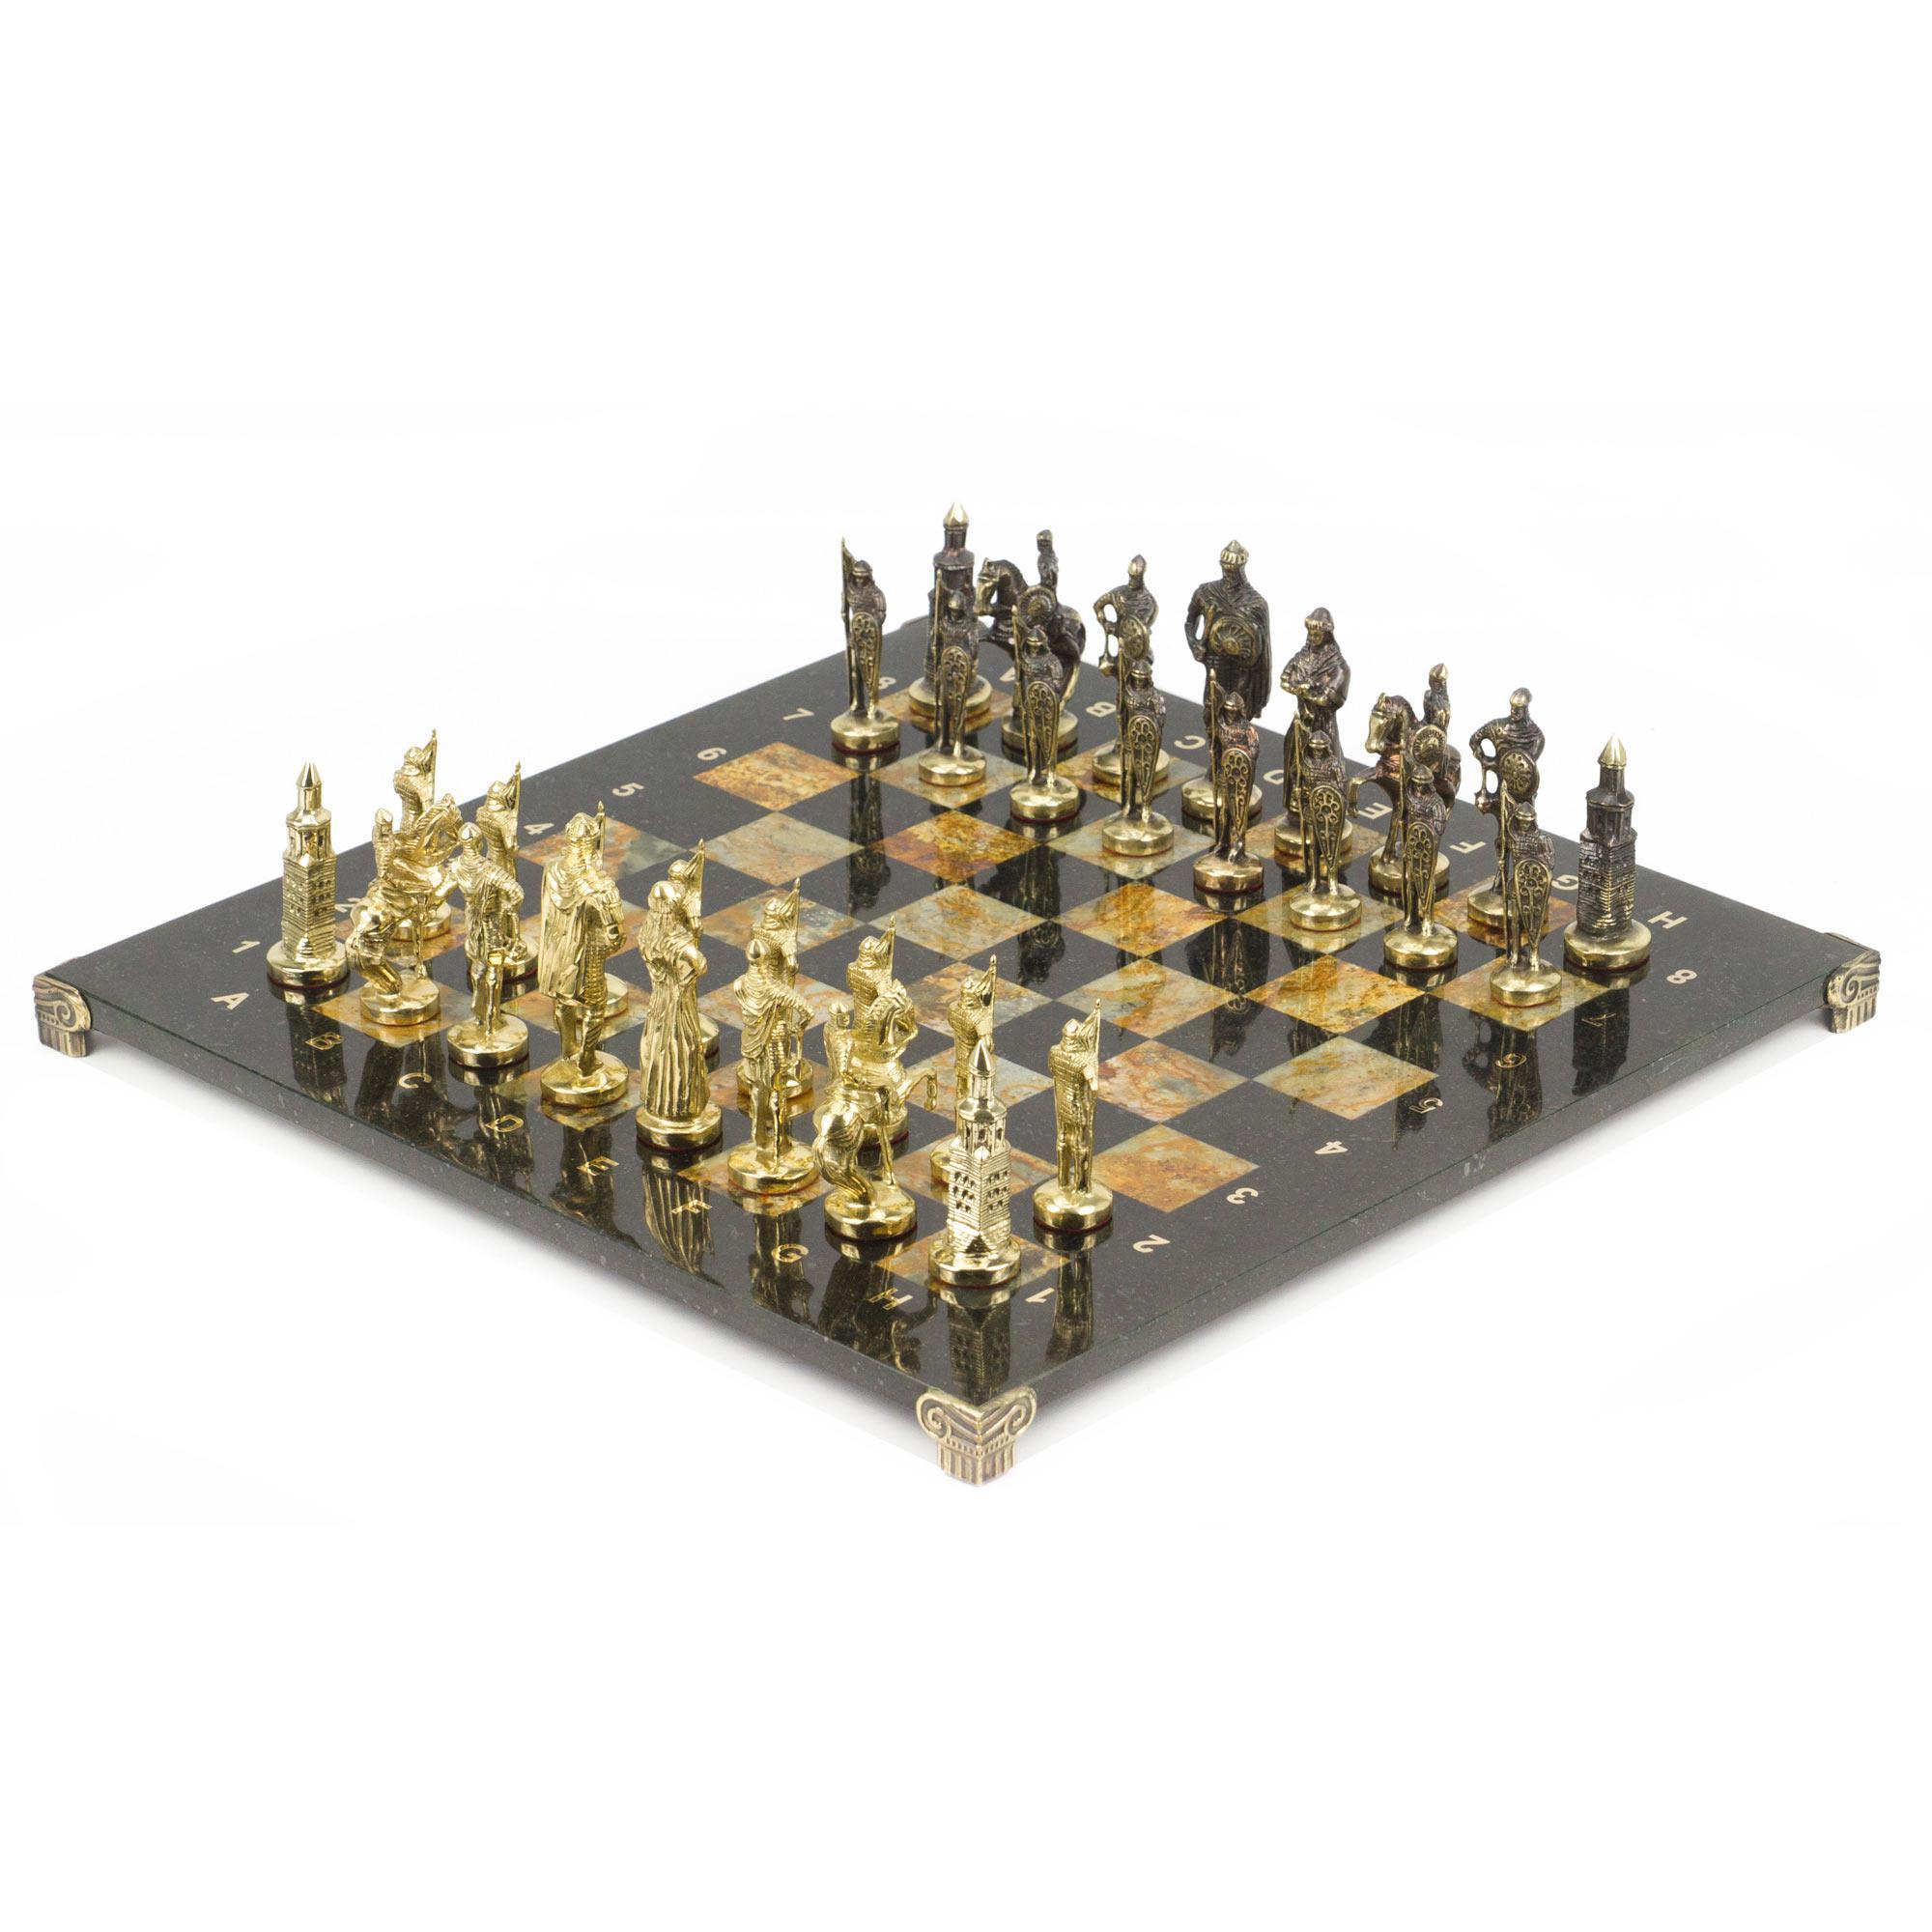 Шахматы Русские фигуры из бронзы, доска змеевик и офиокальцит 40х40см